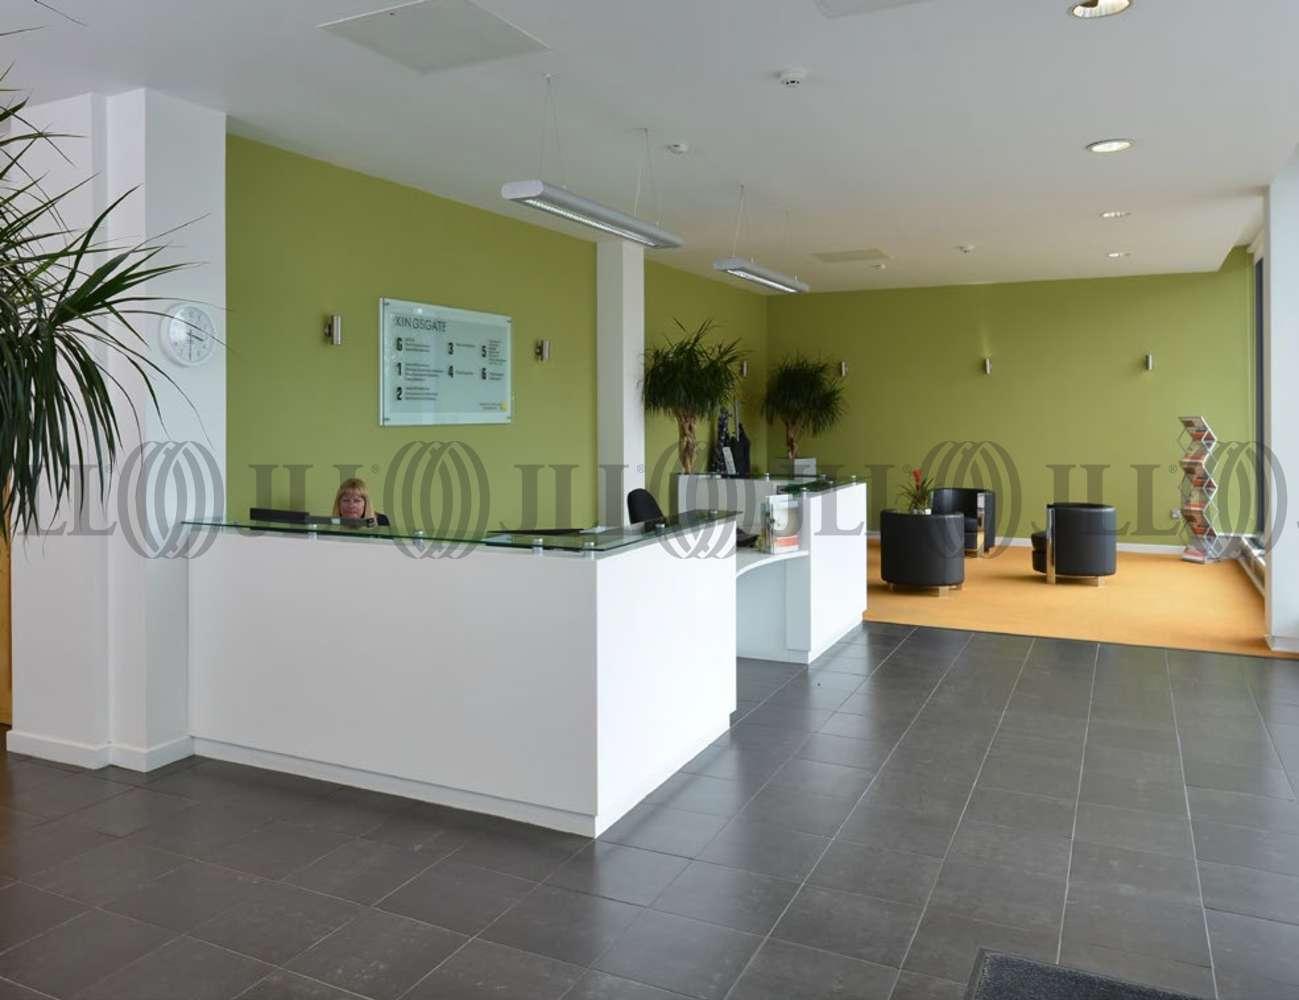 Office Stockport, SK4 1LW - Kingsgate - 11